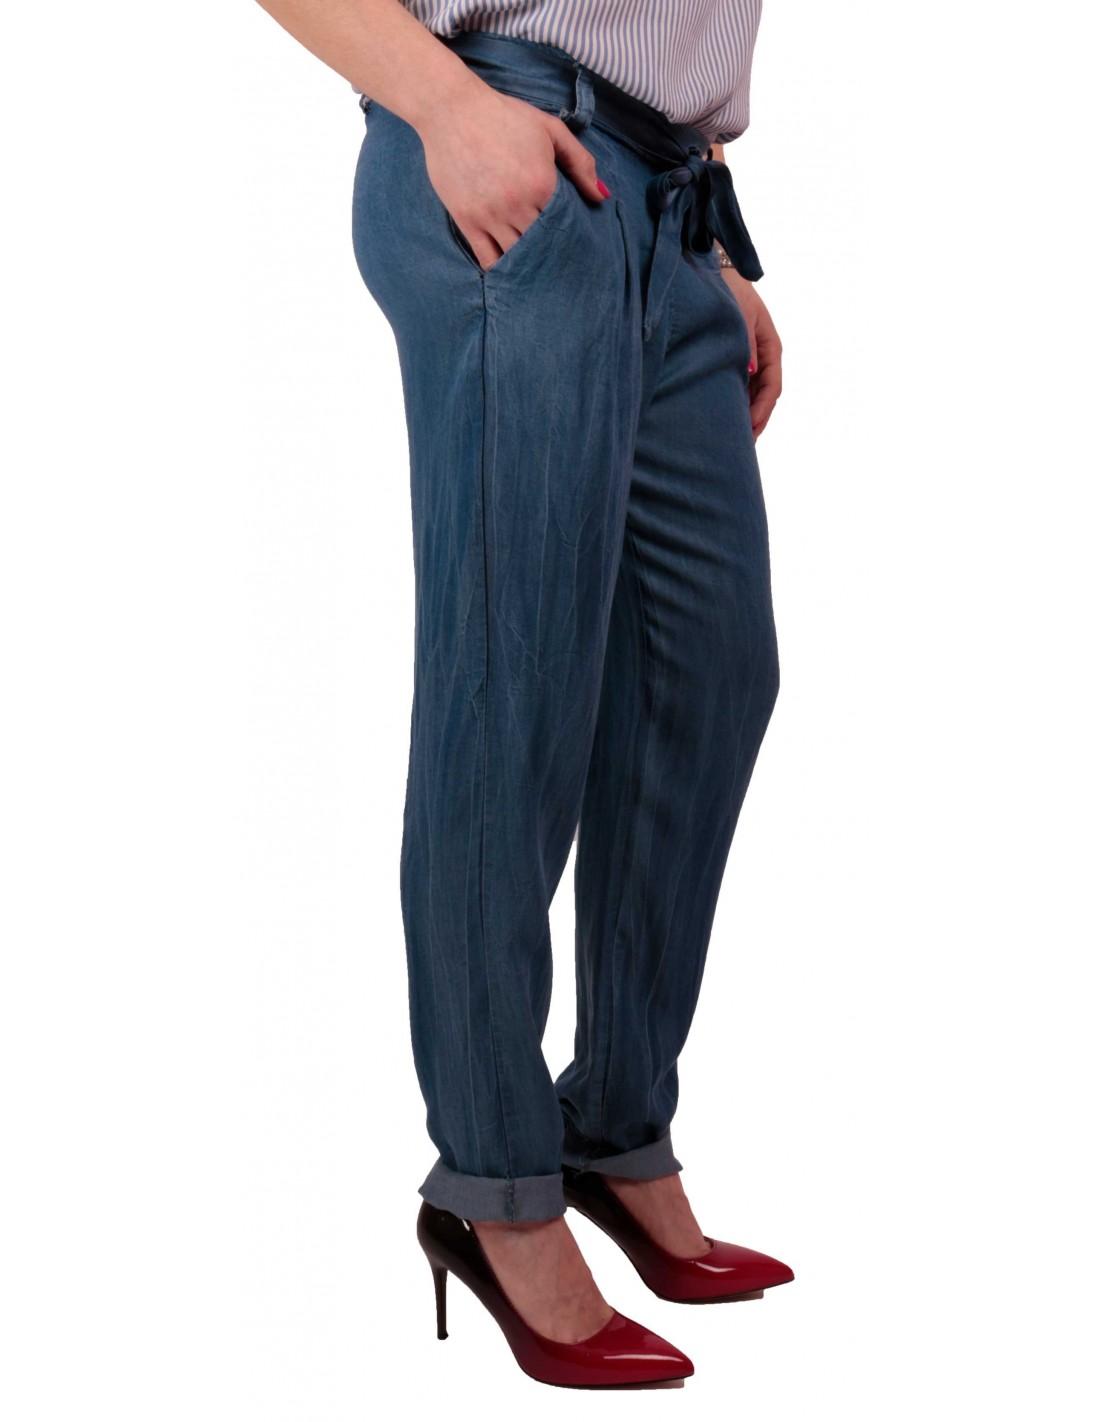 e3eeae699c5f ... Pantalon femme fluide matière jean brut taille élastique   ceinture  noeud ...